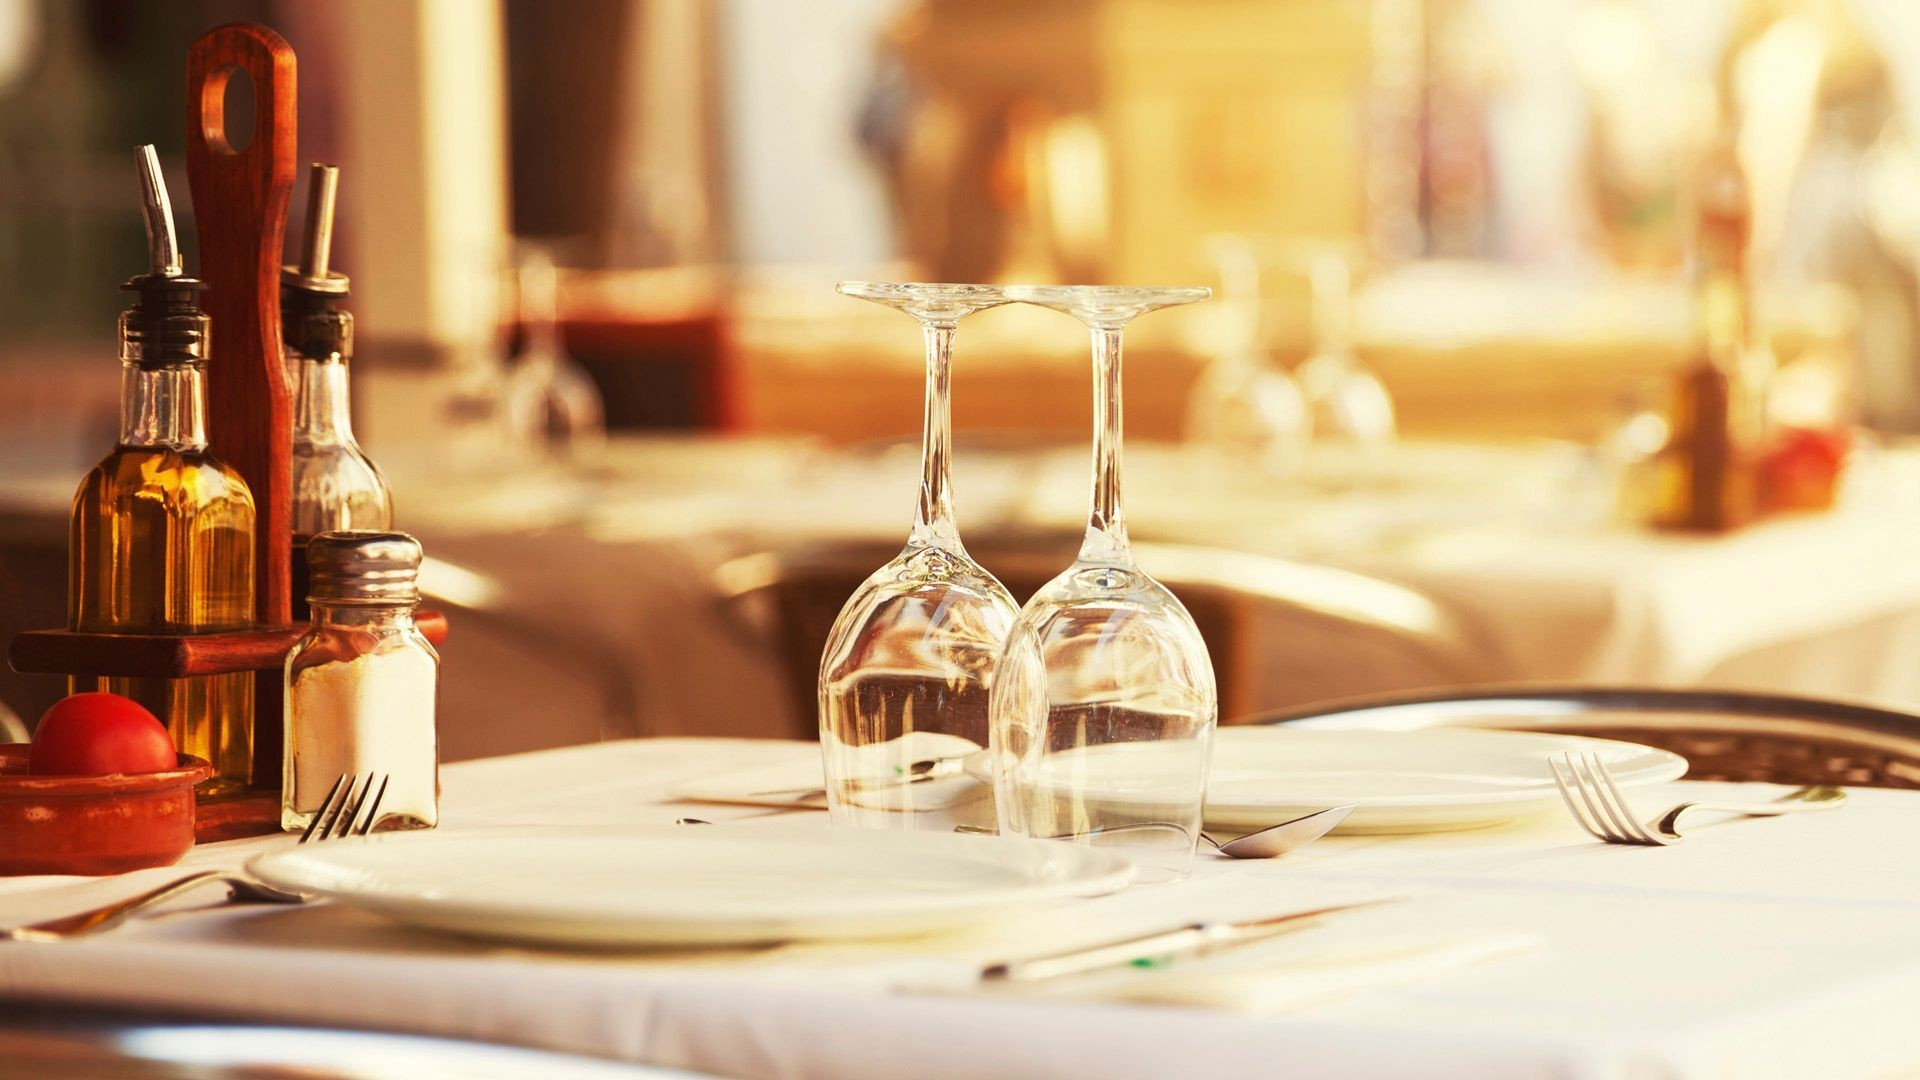 Restaurante de comida casera en Zaragoza